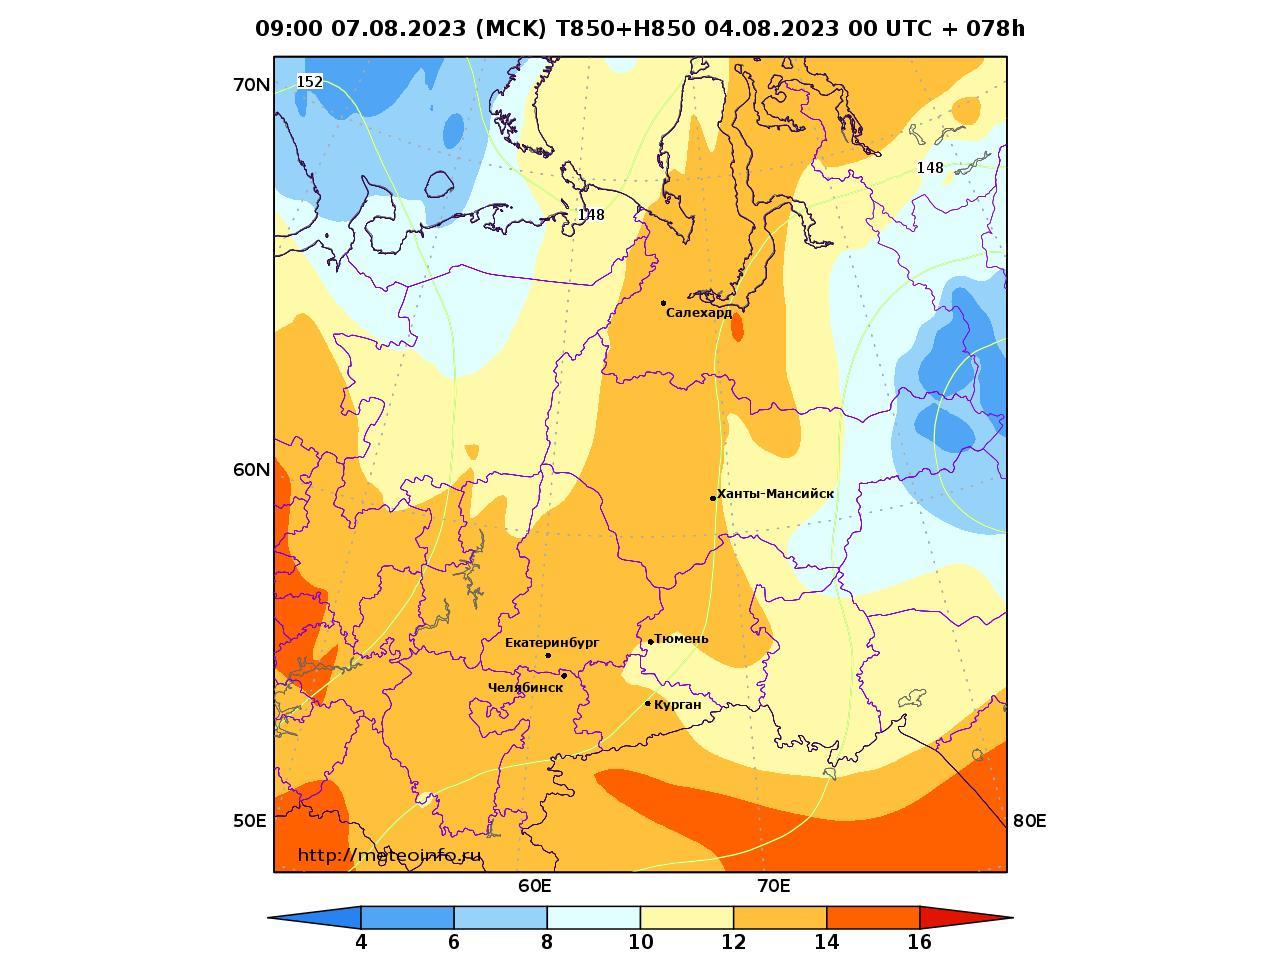 Уральский Федеральный округ, прогностическая карта температура T850 и геопотенциал H850, заблаговременность прогноза 78 часов